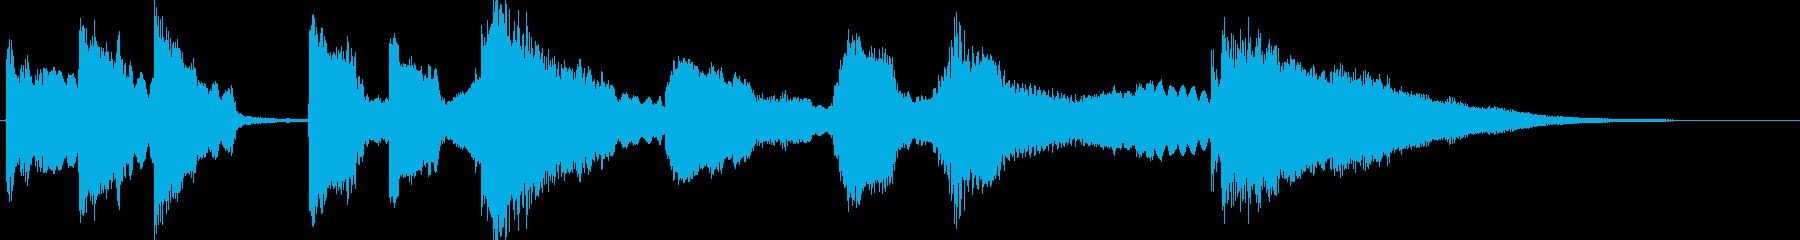 雫の音とギターとバイオリンの再生済みの波形